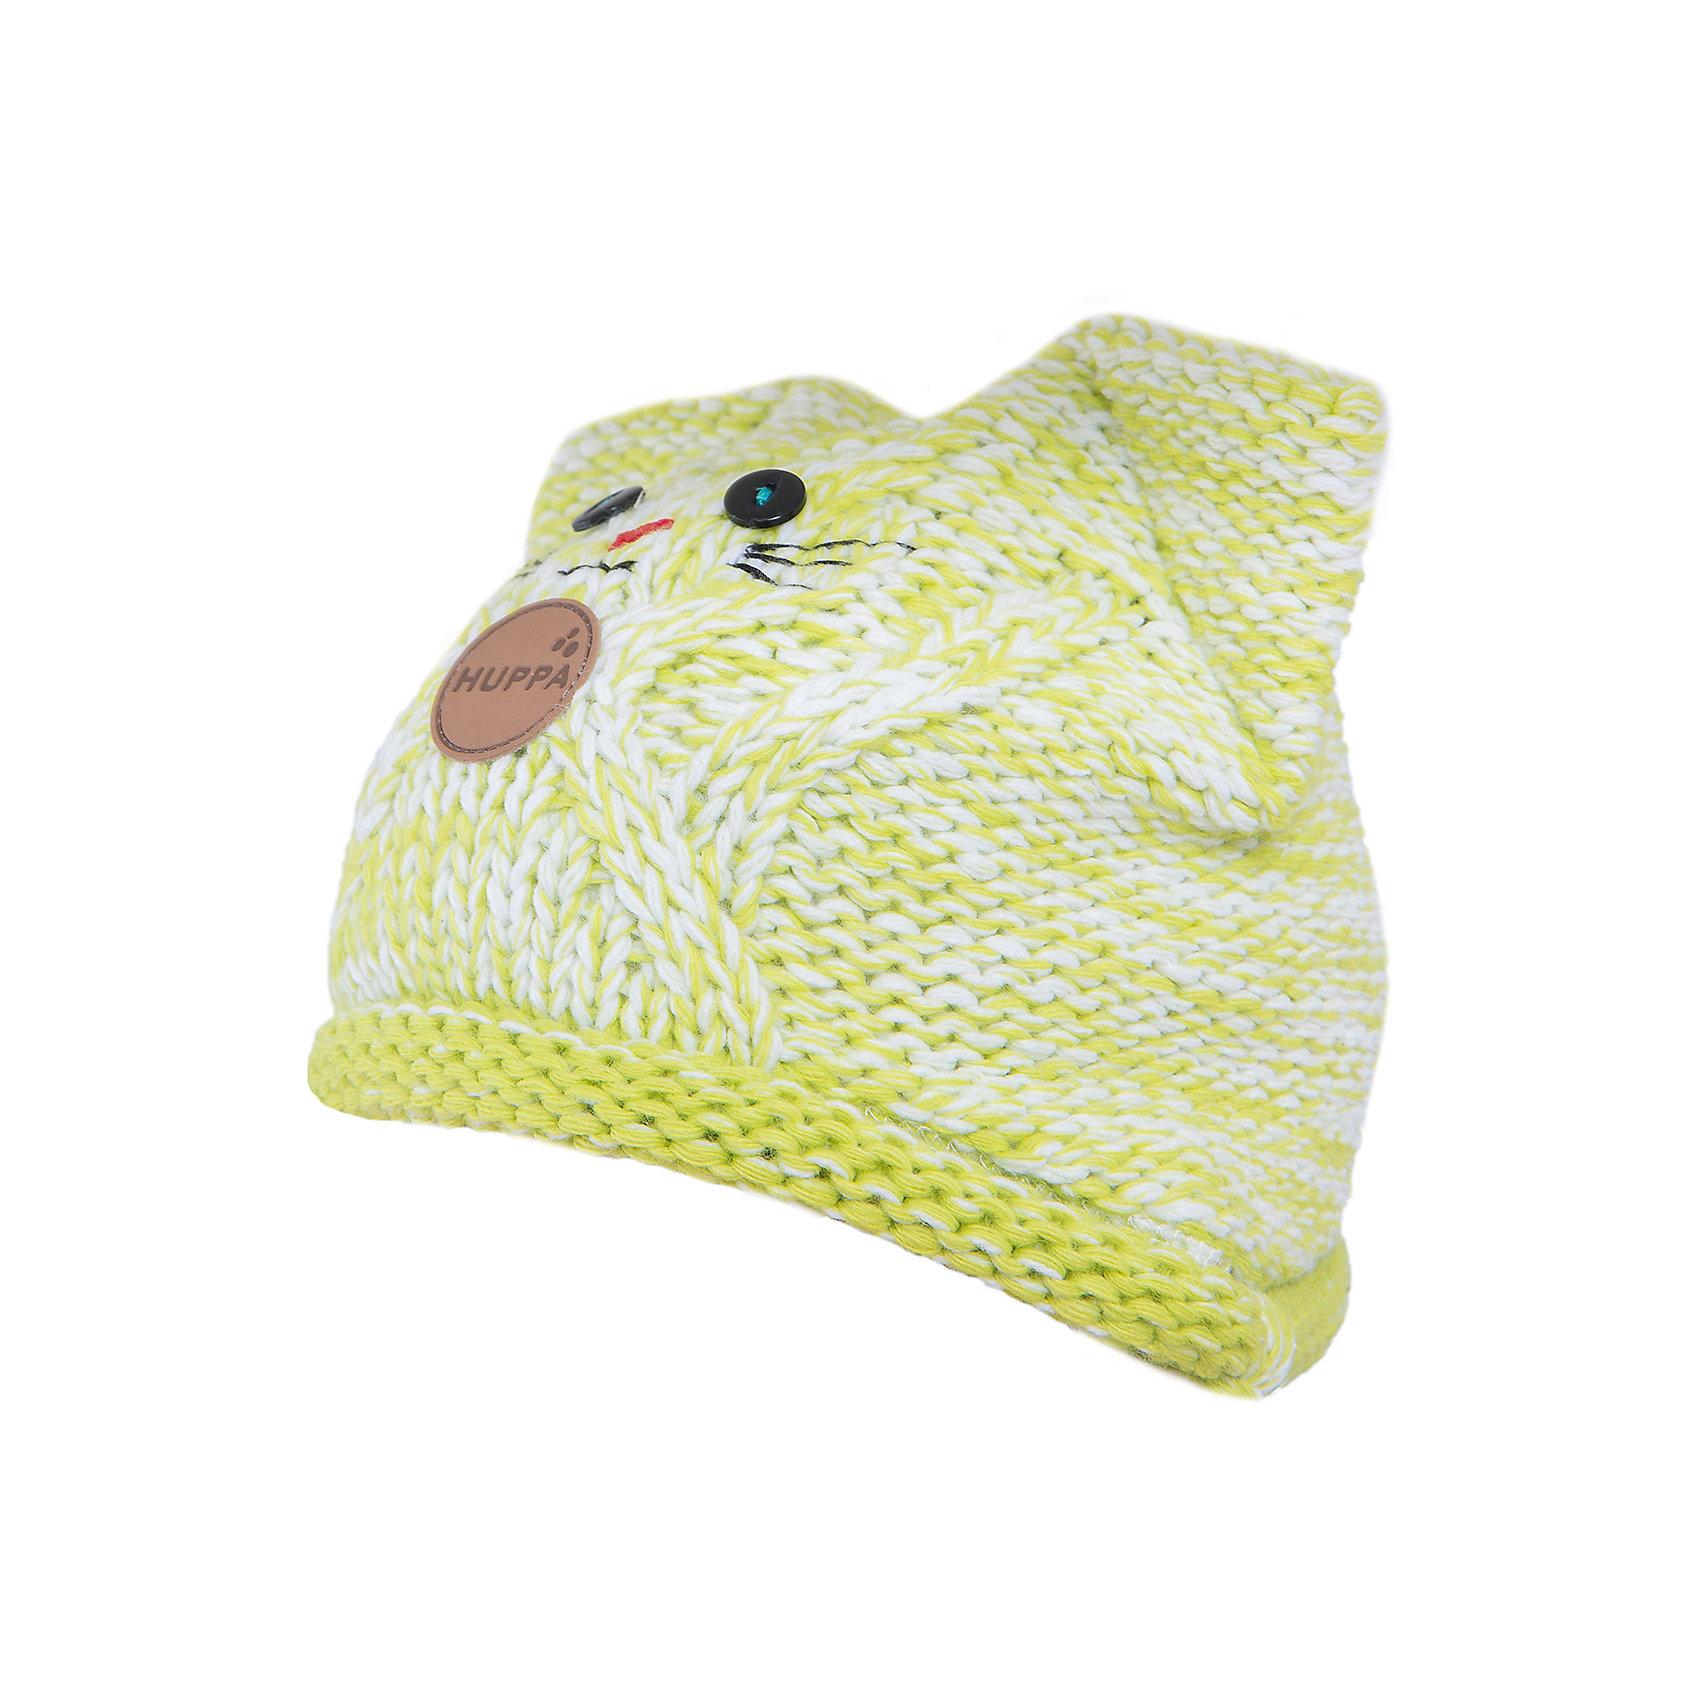 Шапка  HuppaГоловные уборы<br>Вязаная шапка MATTIA от Huppa(Хуппа) изготовлена из шерсти и акрила. Подкладка из натурального хлопка, приятного телу. Выступы для ушек и удобные завязки надежно защитят ребенка от ветра. В этой шапке девочка точно не замерзнет, а милый дизайн с мордочкой котика всегда будет радовать глаз!<br><br>Дополнительная информация:<br>Цвет: салатовый/белый<br>Материал: 50% мериносовая шерсть, 50% акрил<br>Подкладка: 100% хлопок<br><br>Шапку MATTIA Huppa(Хуппа) можно купить в нашем интернет-магазине.<br><br>Ширина мм: 89<br>Глубина мм: 117<br>Высота мм: 44<br>Вес г: 155<br>Цвет: зеленый<br>Возраст от месяцев: 84<br>Возраст до месяцев: 120<br>Пол: Женский<br>Возраст: Детский<br>Размер: 55-57,47-49,51-53<br>SKU: 4928958